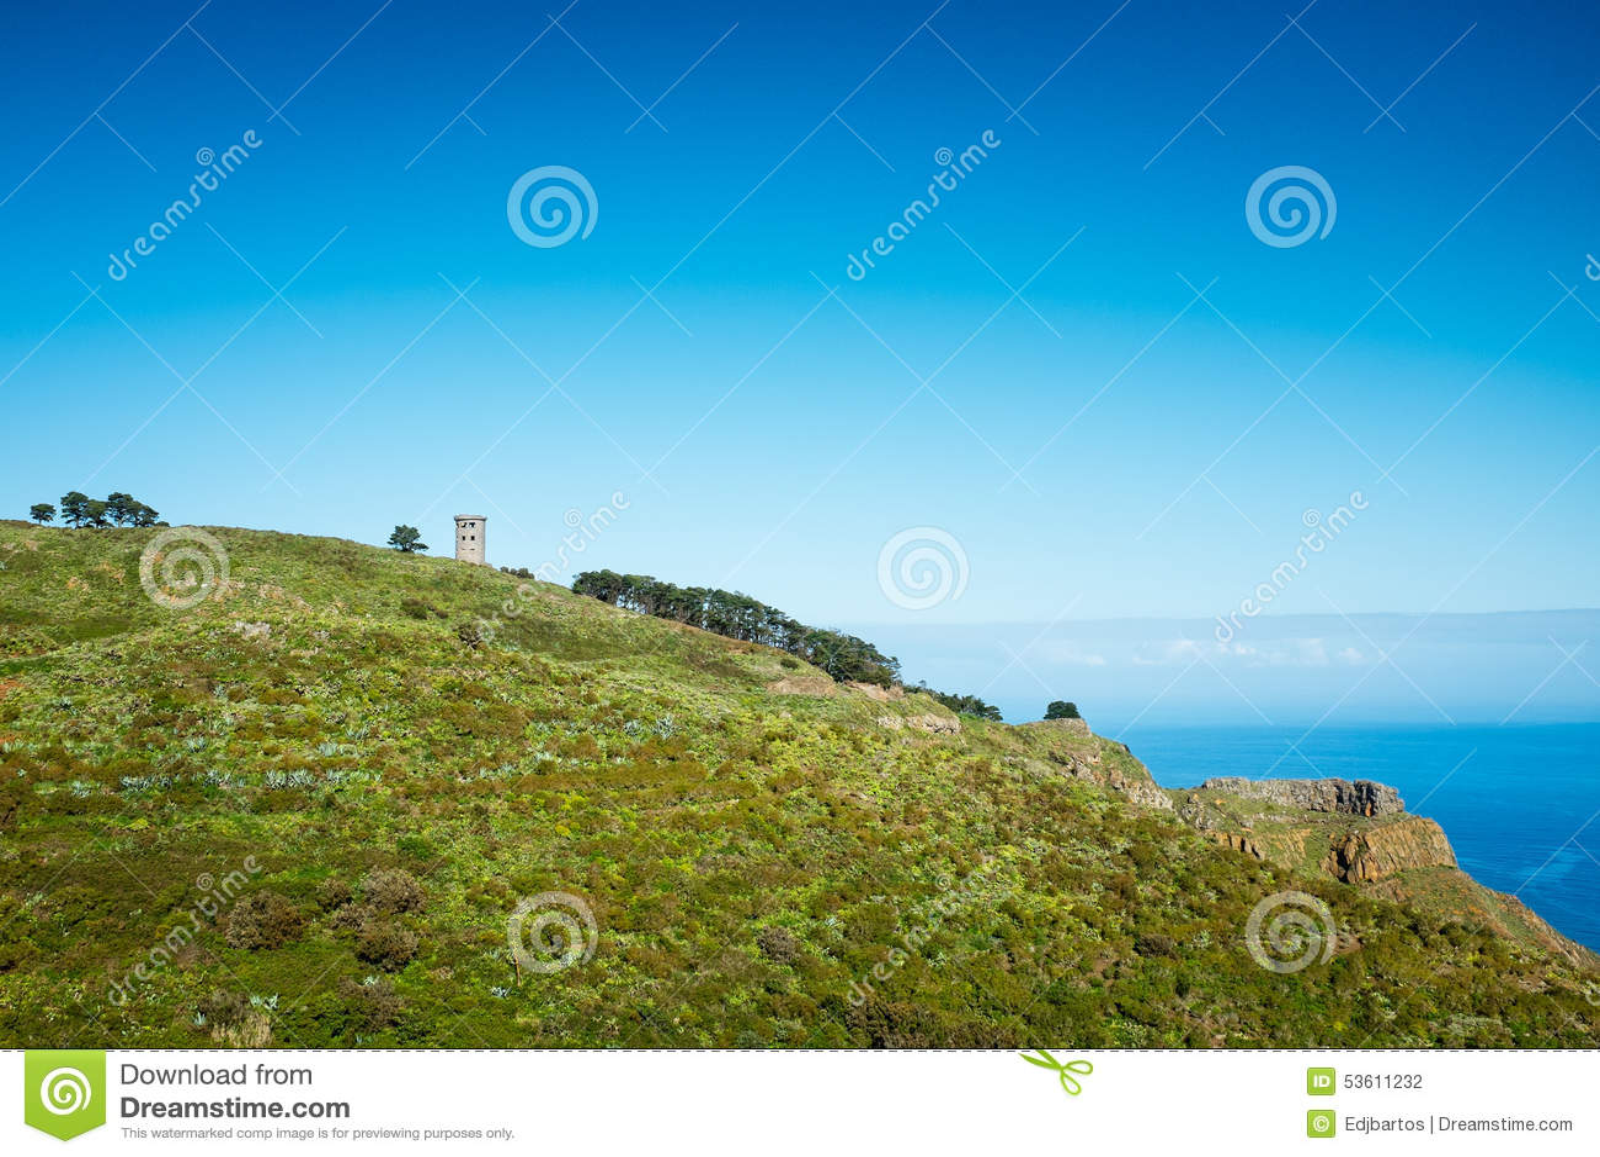 Toren op de heuvel